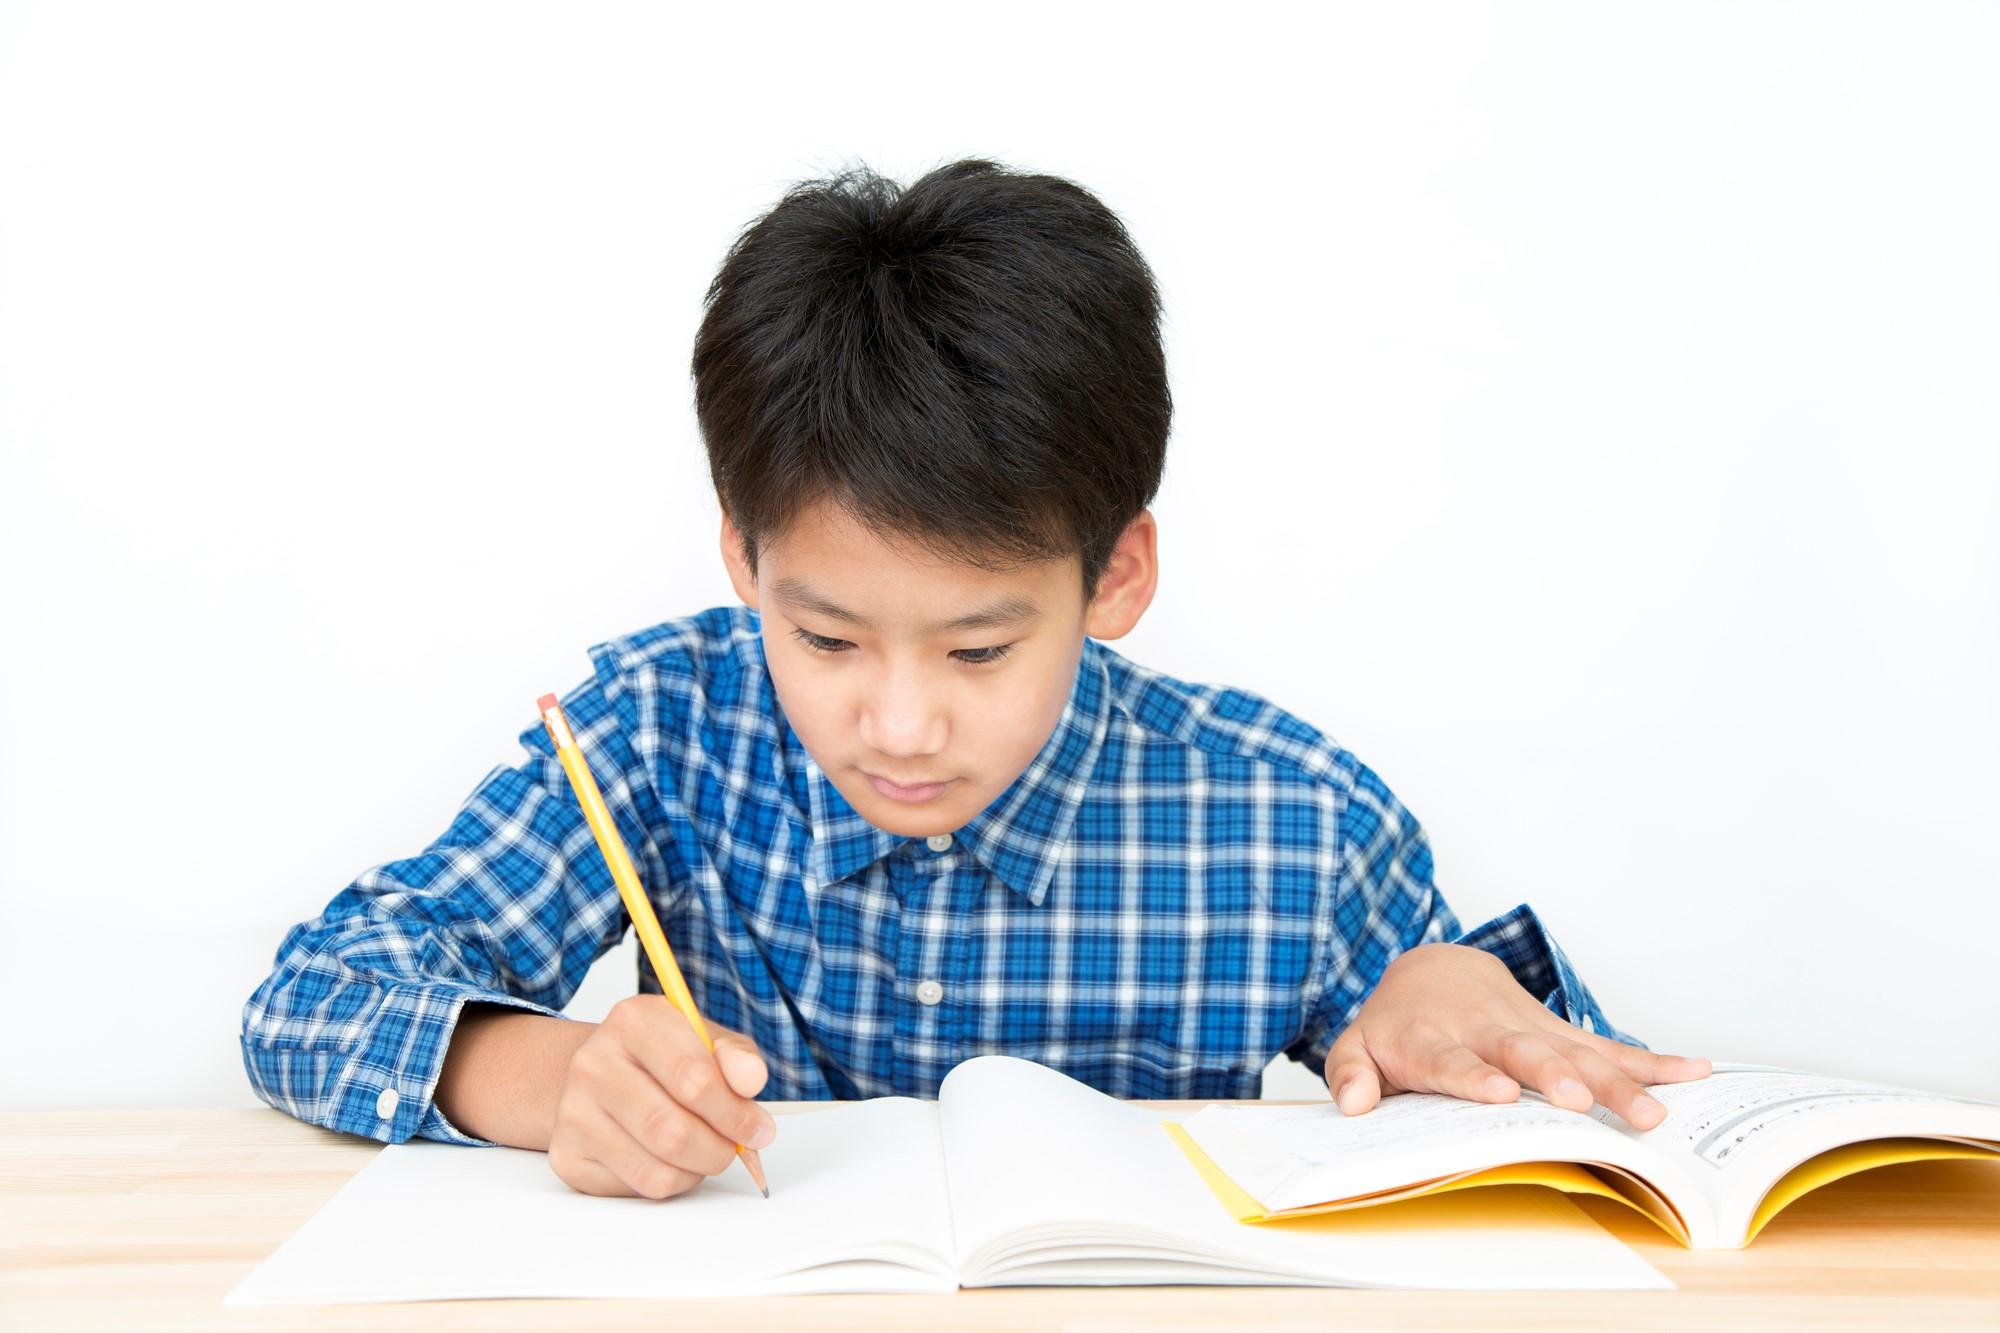 学習効率を高めるための復習の仕方とタイミング